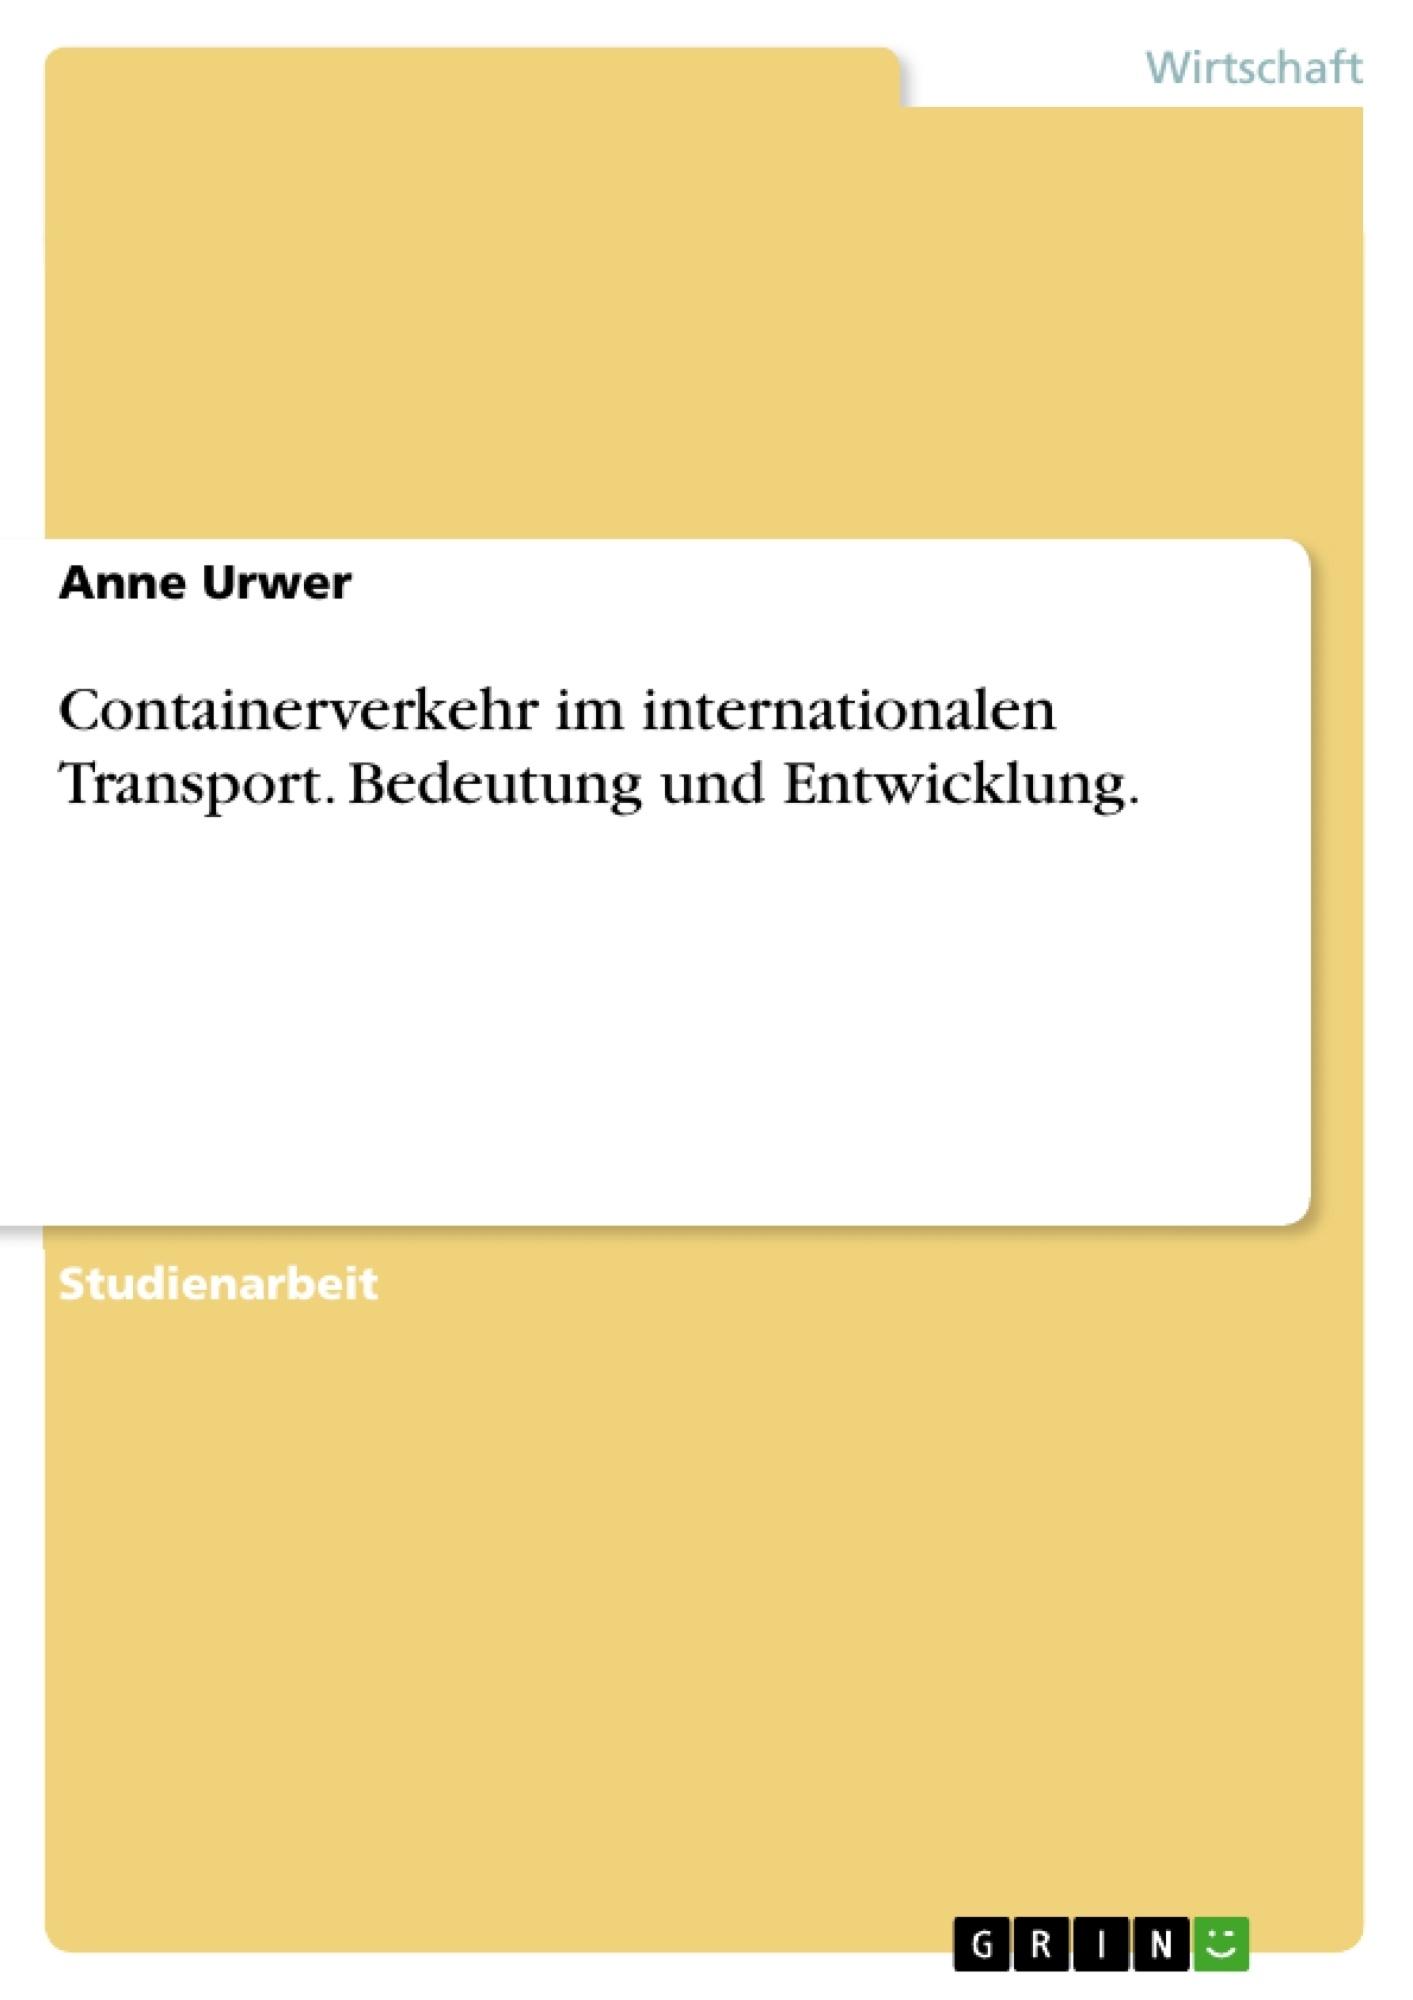 Titel: Containerverkehr im internationalen Transport. Bedeutung und Entwicklung.